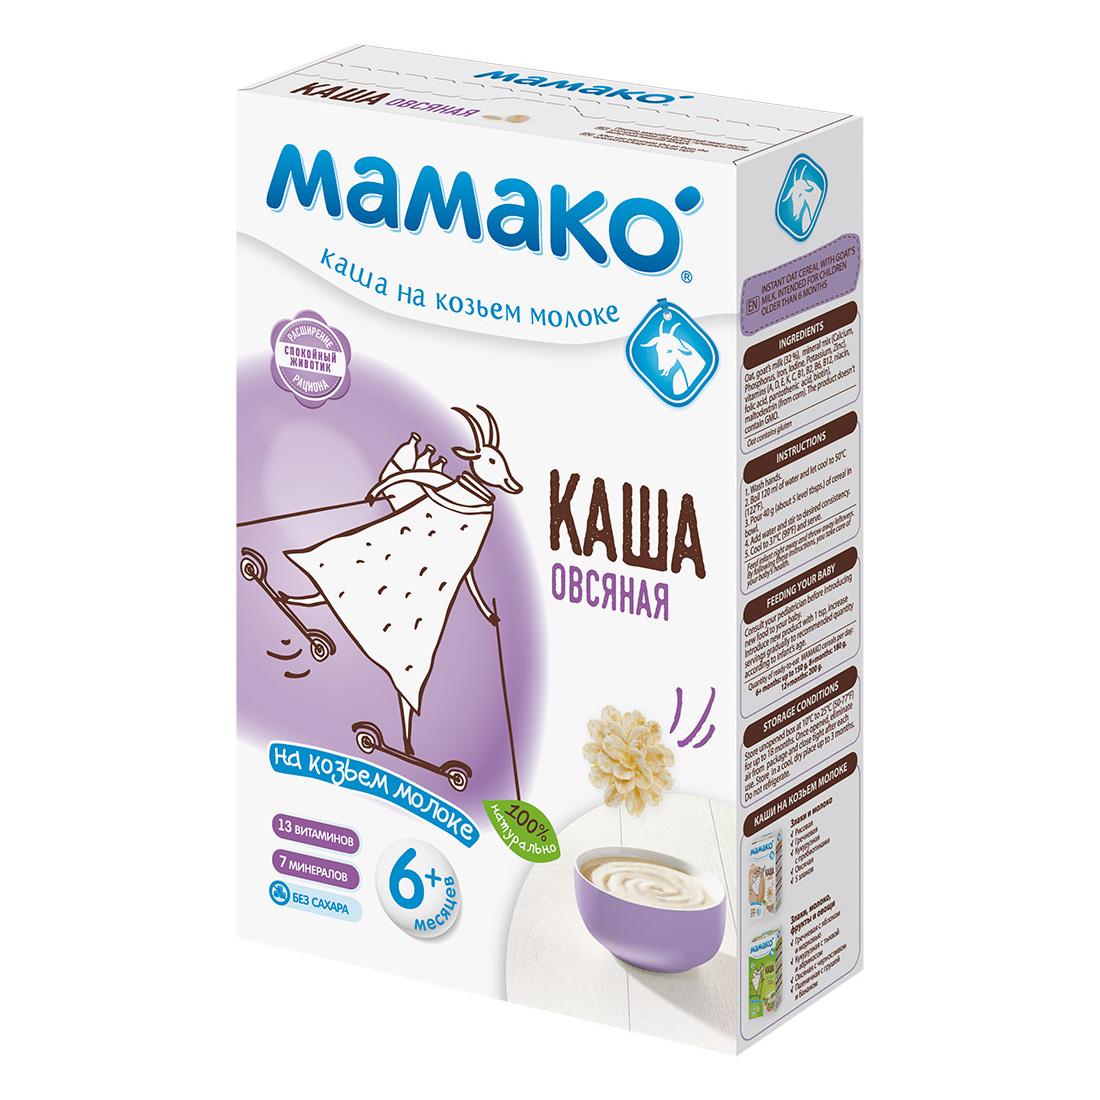 Каша Mamako на козьем молоке 200 гр Овсяная (с 6 мес)